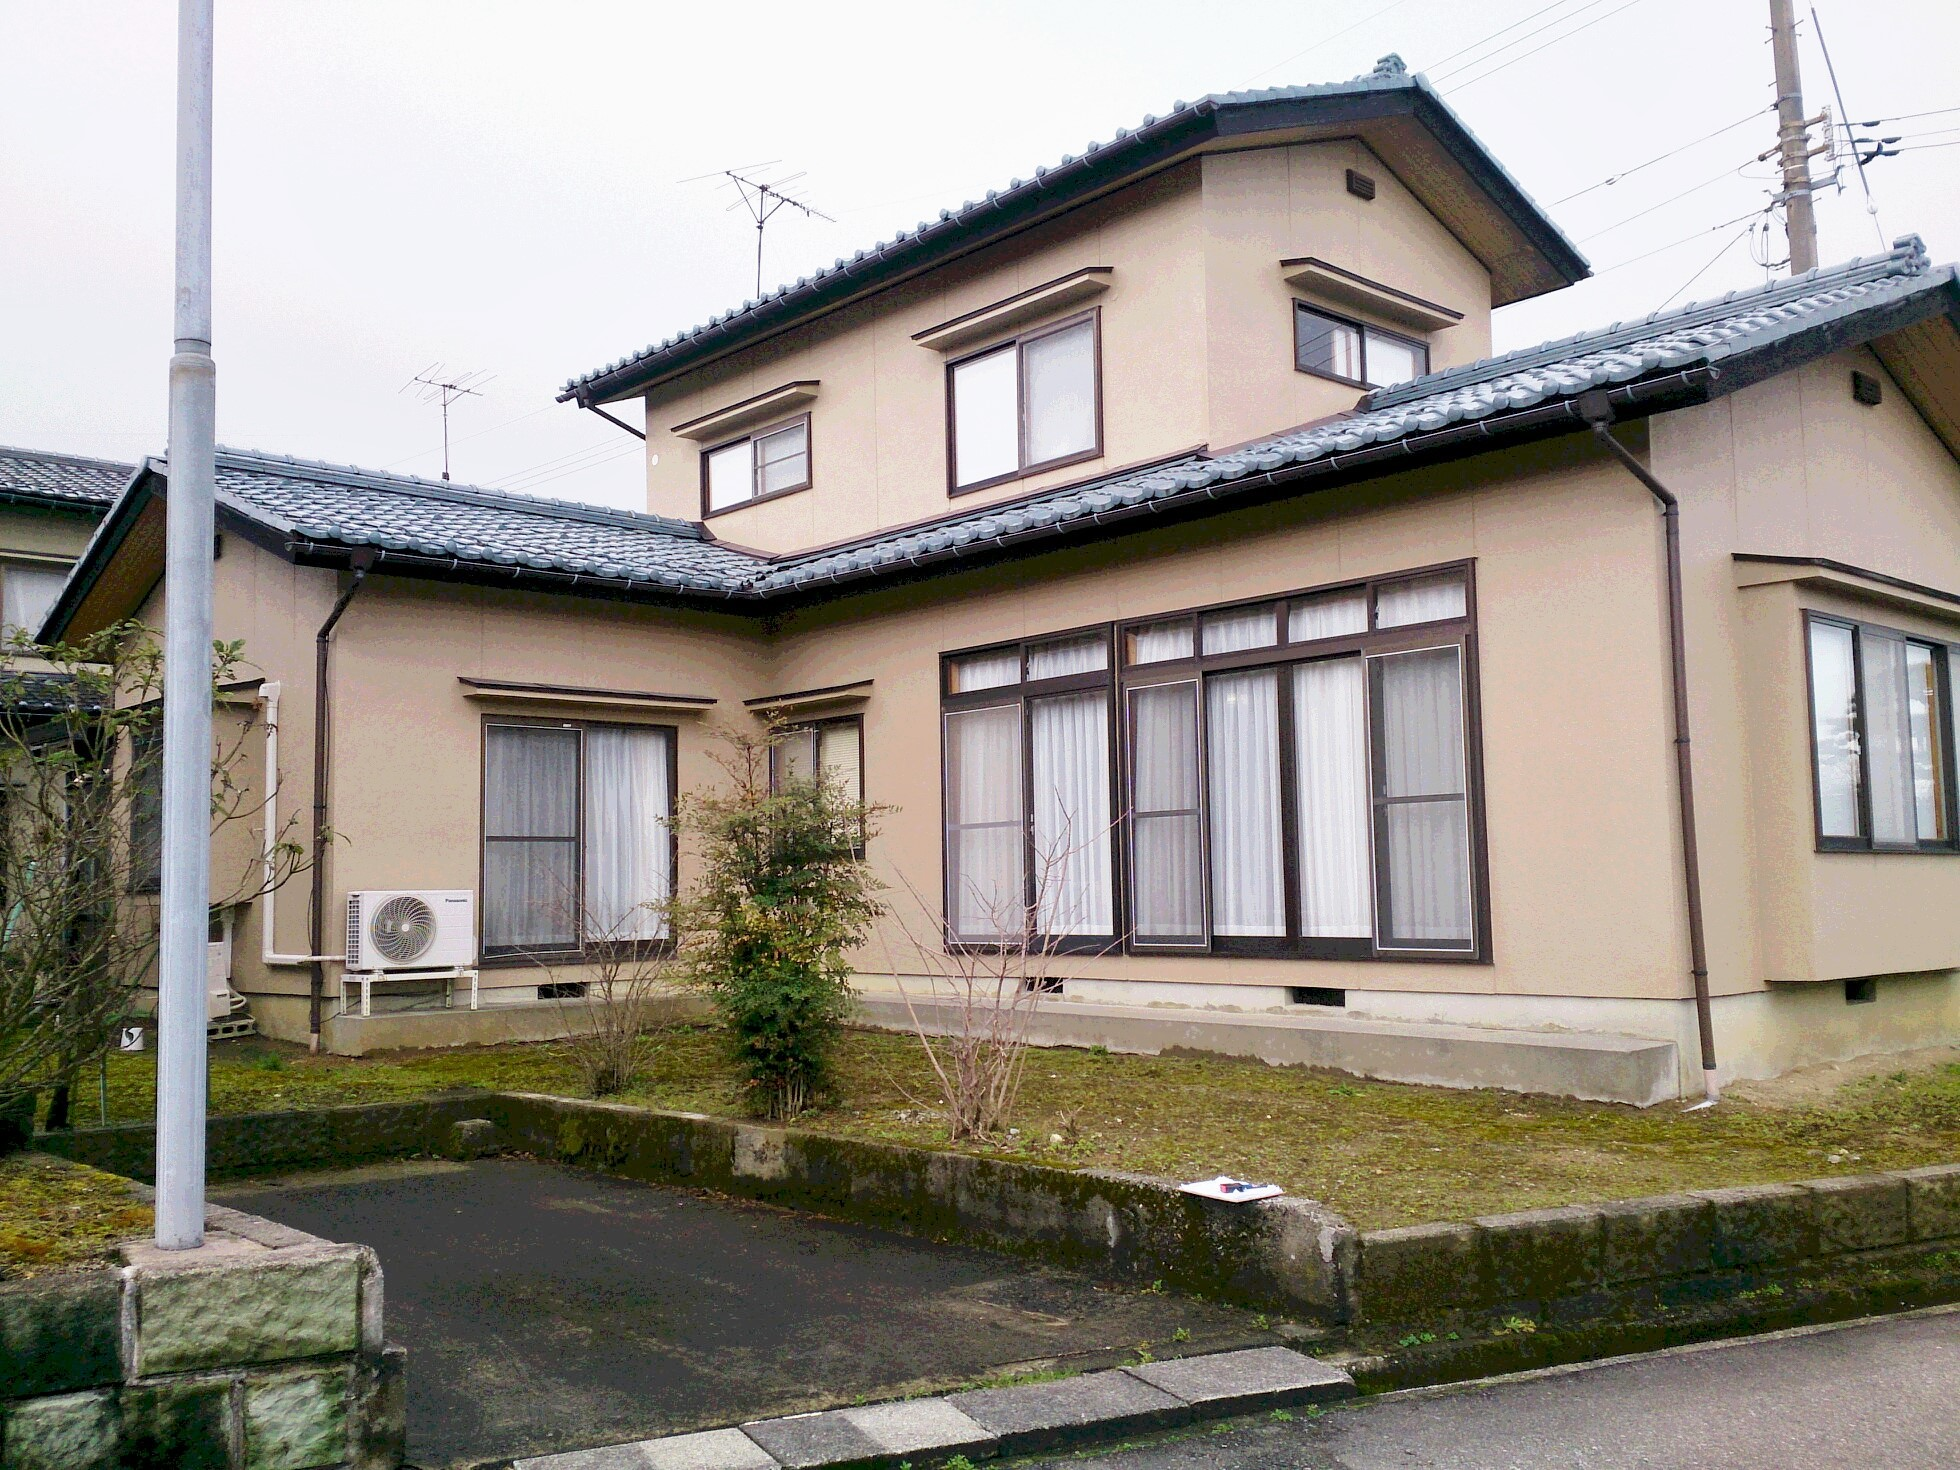 富山市本郷町で県内初の「長期優良化住宅リフォーム」住宅を工事しました。の画像